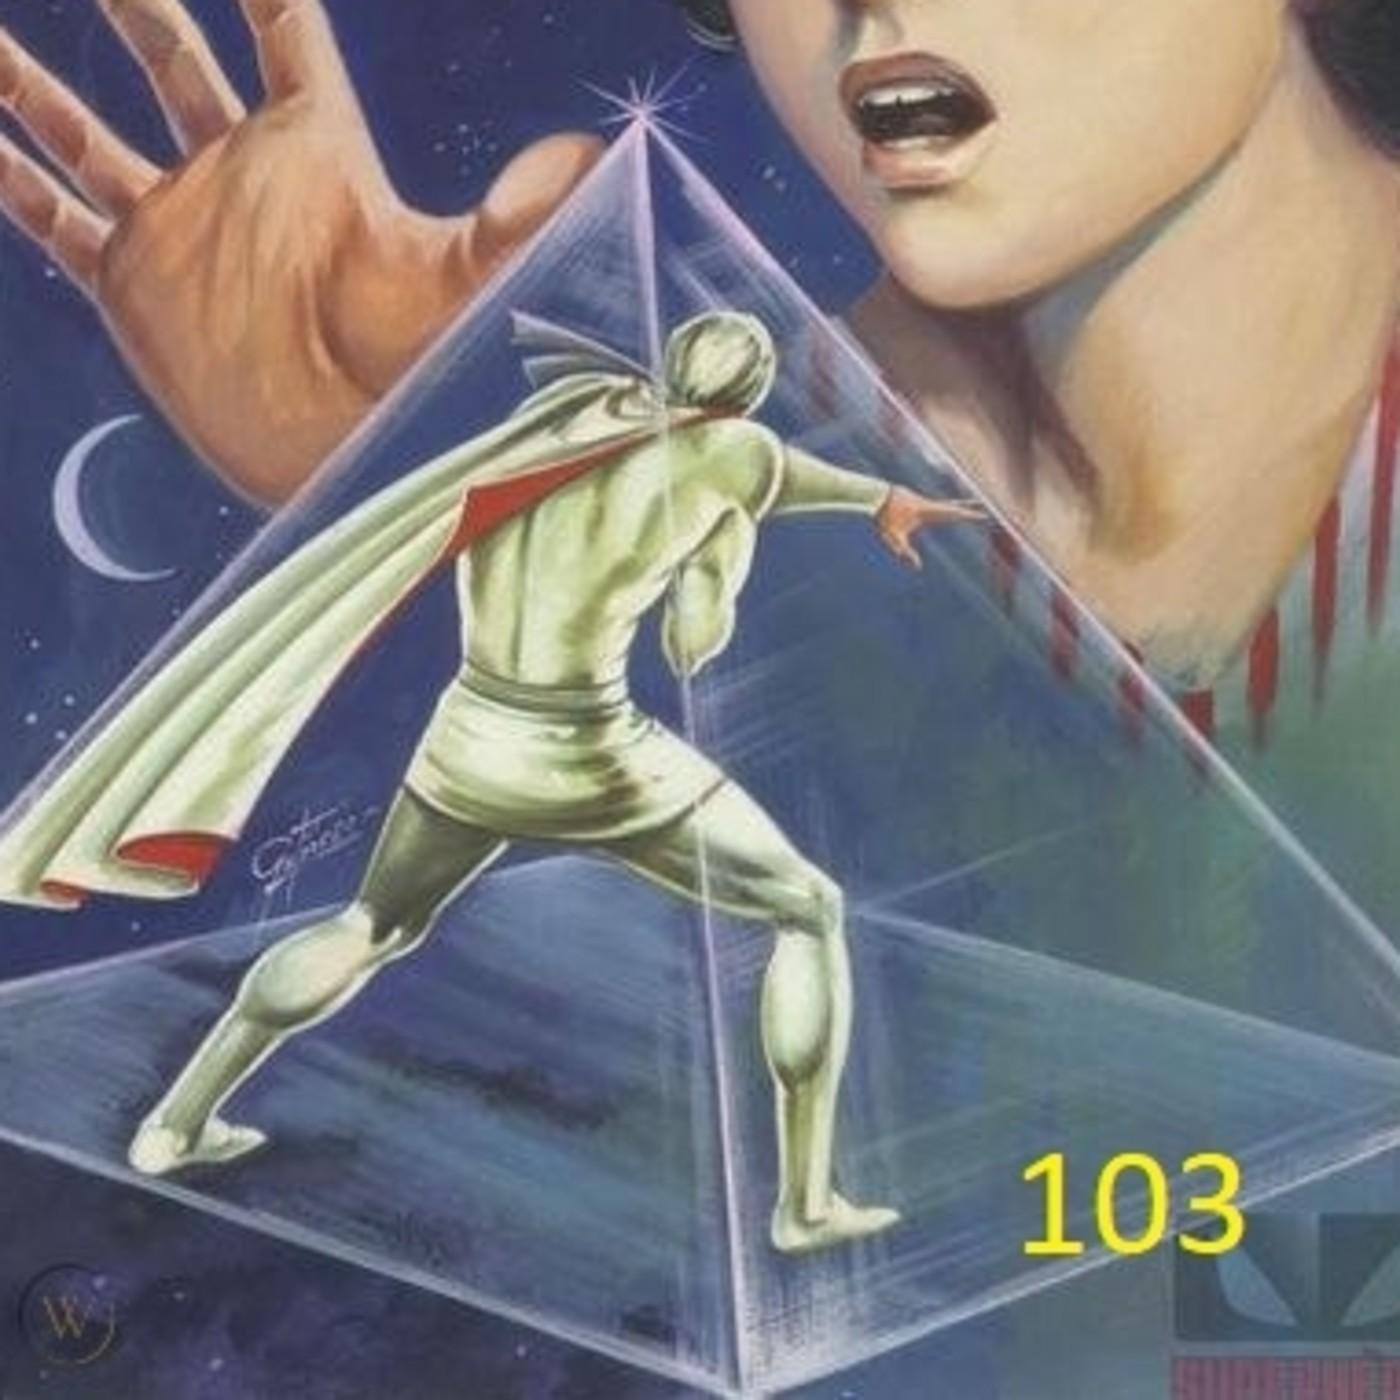 30x103 Muerte en la cuarta dimensión Kaliman